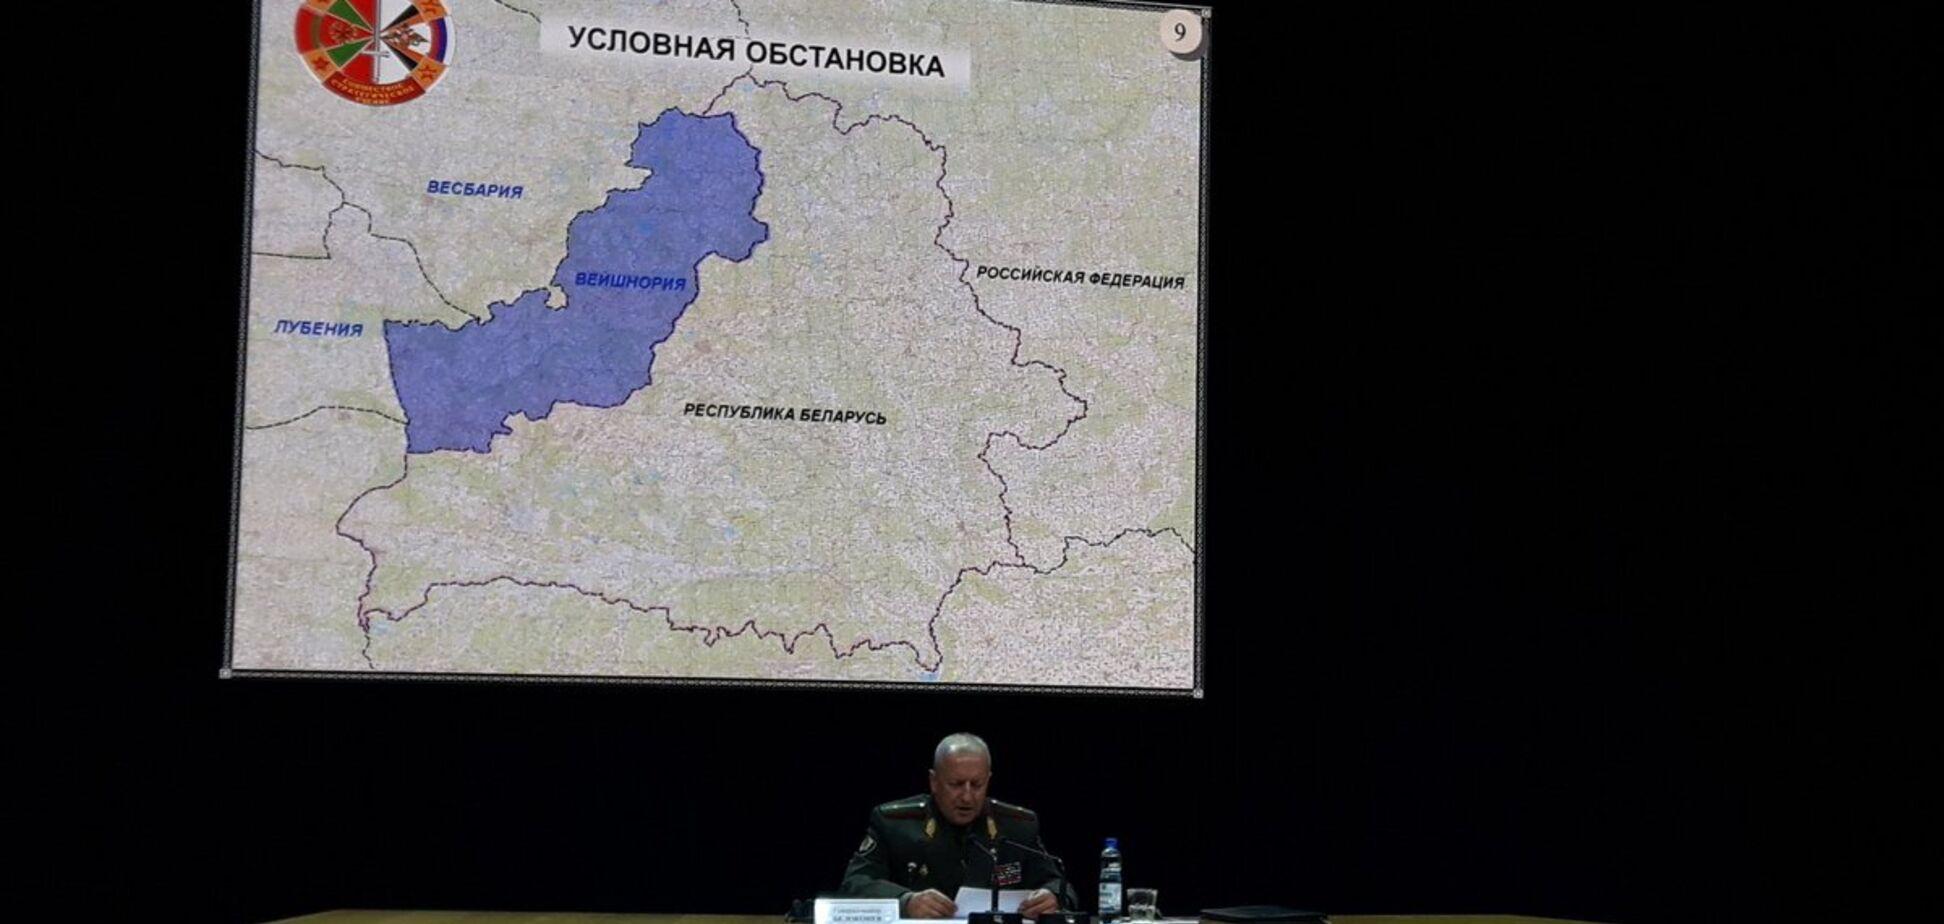 Учения 'Запад-2017': стало известно, с кем будет 'воевать' Россия в Беларуси